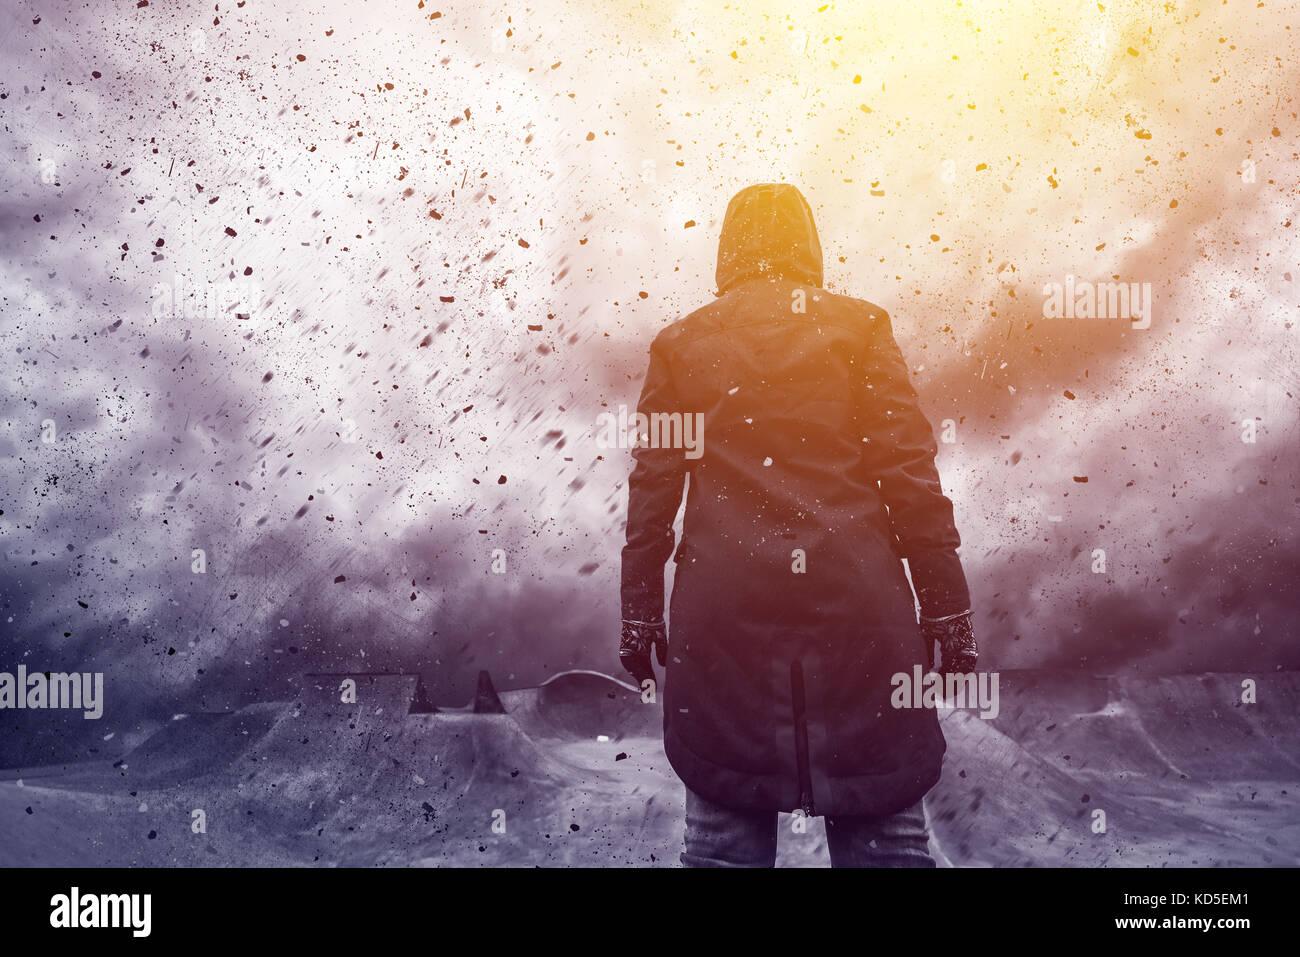 Imagen conceptual de hembras jóvenes de persona que enfrenta futuro incierto, mixed media contenido con nubes Imagen De Stock